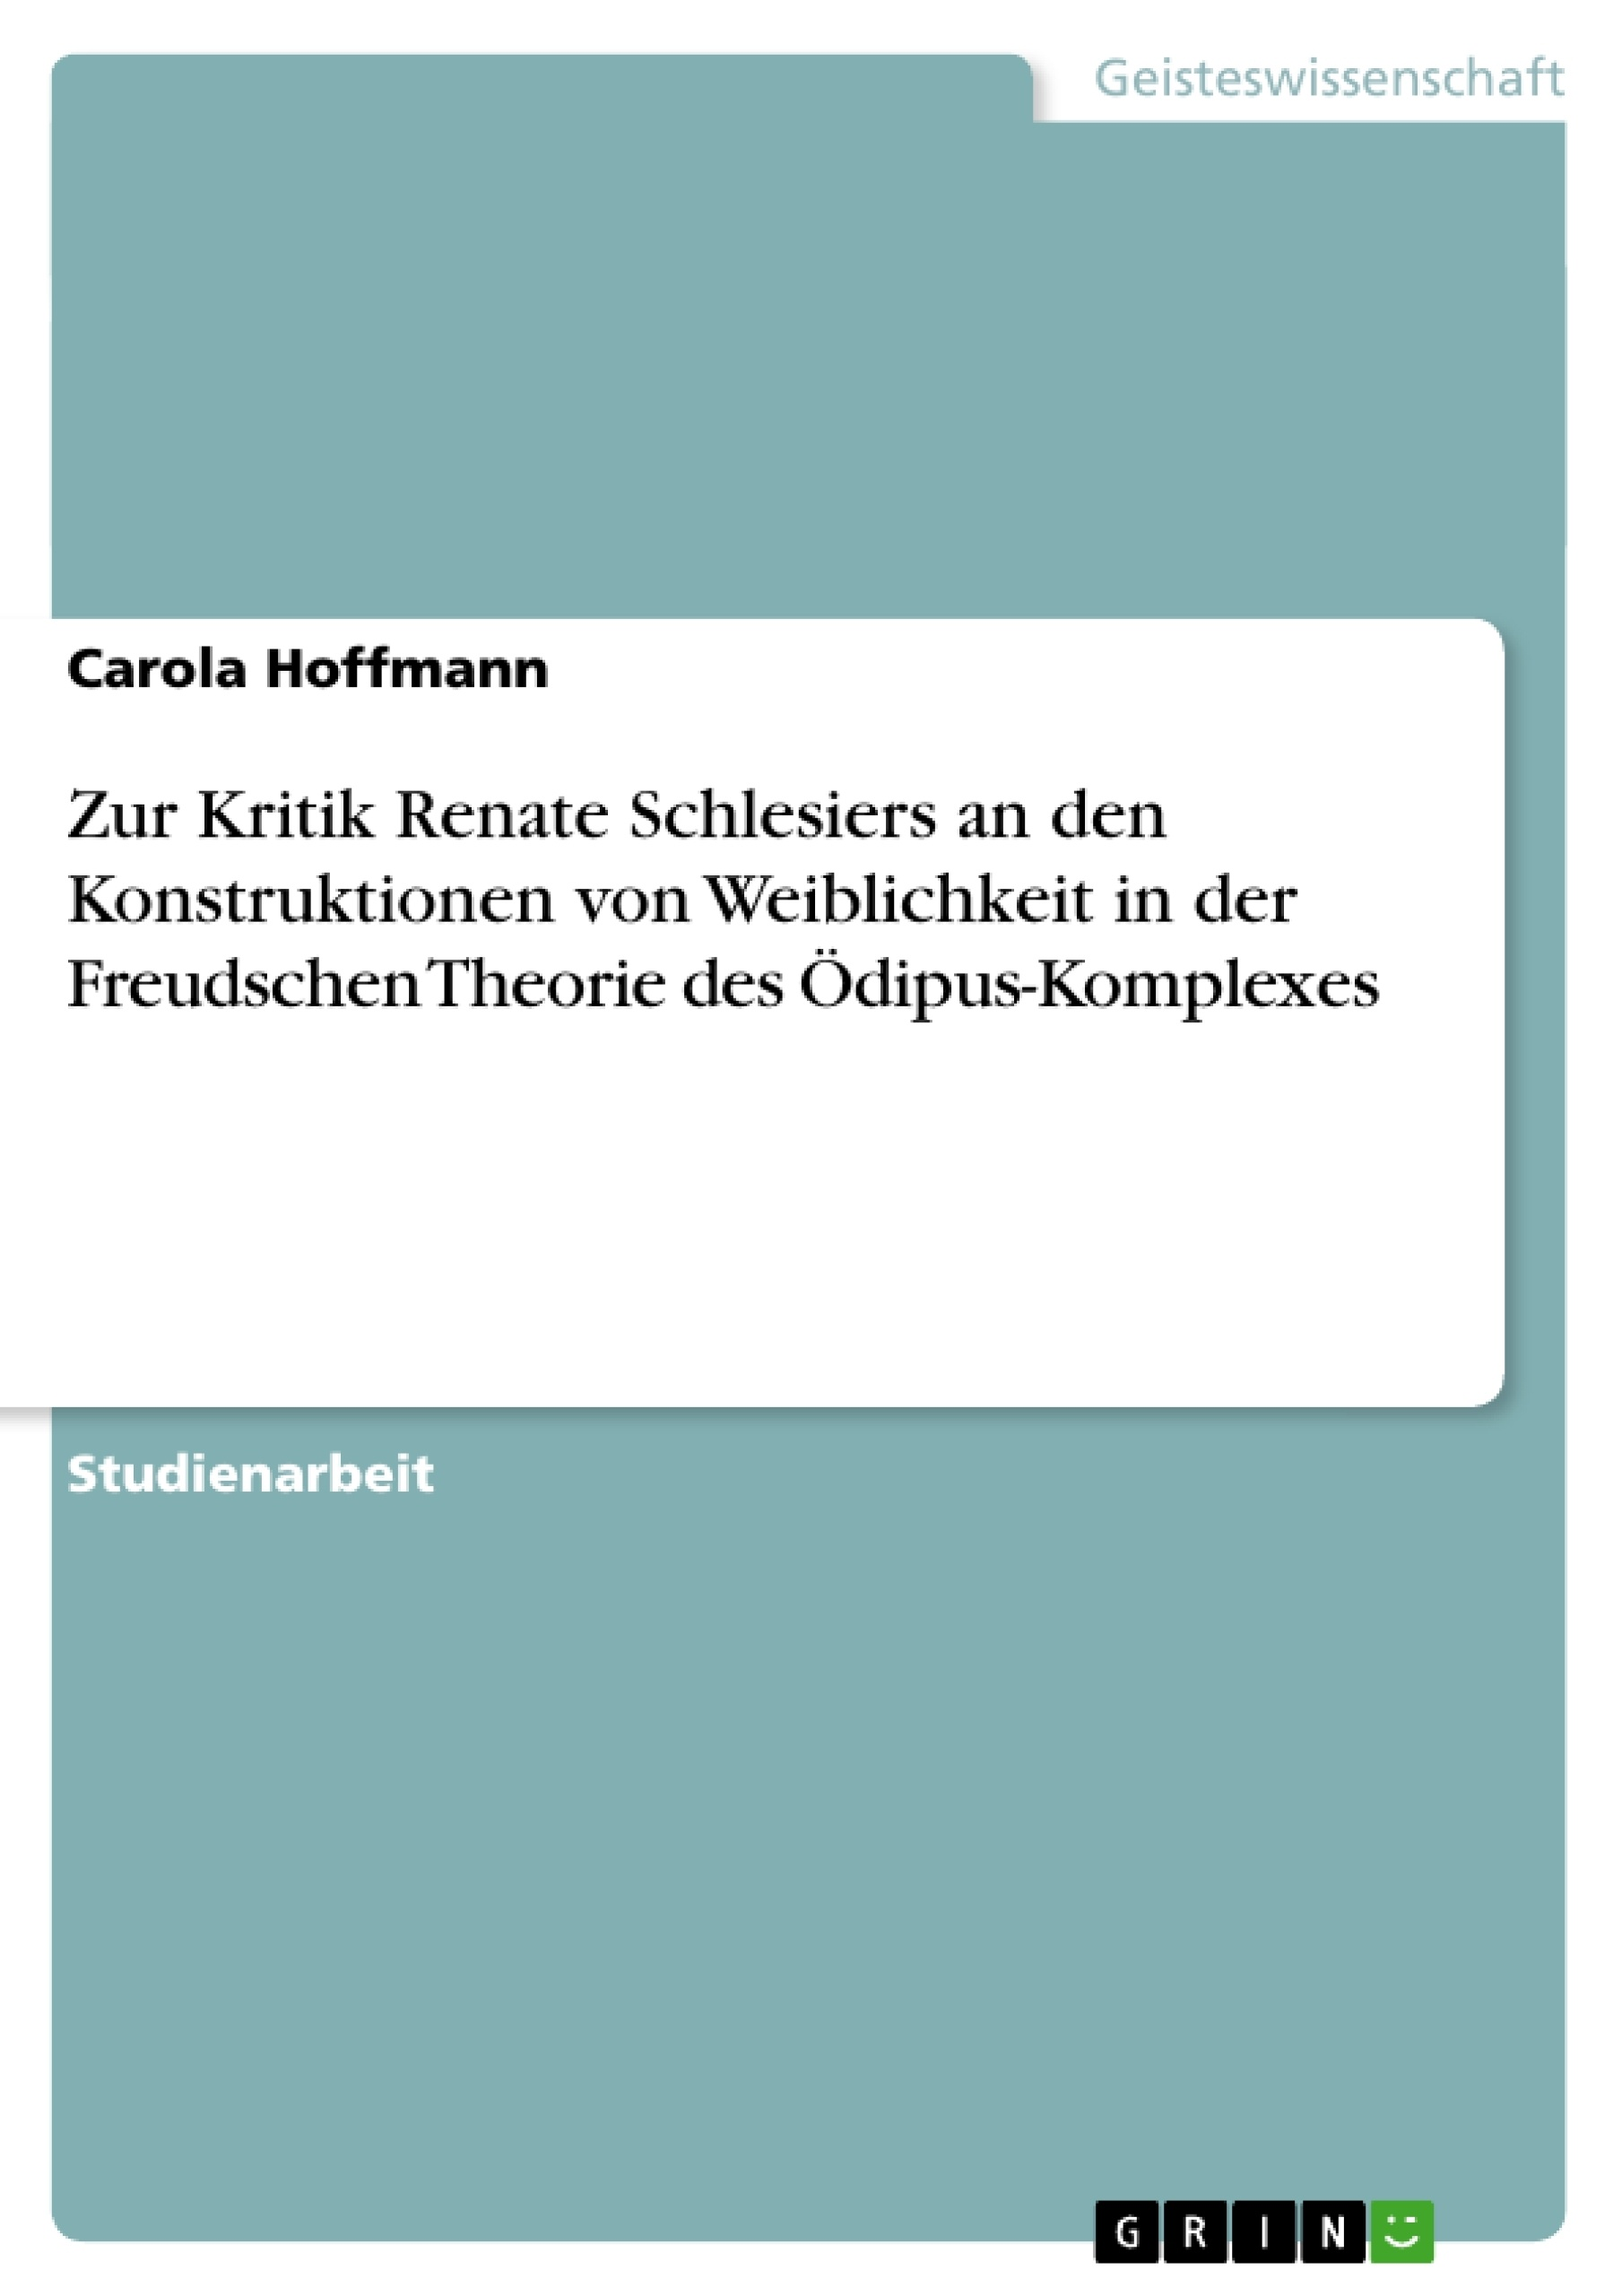 Titel: Zur Kritik Renate Schlesiers an den Konstruktionen von Weiblichkeit in der Freudschen Theorie des Ödipus-Komplexes